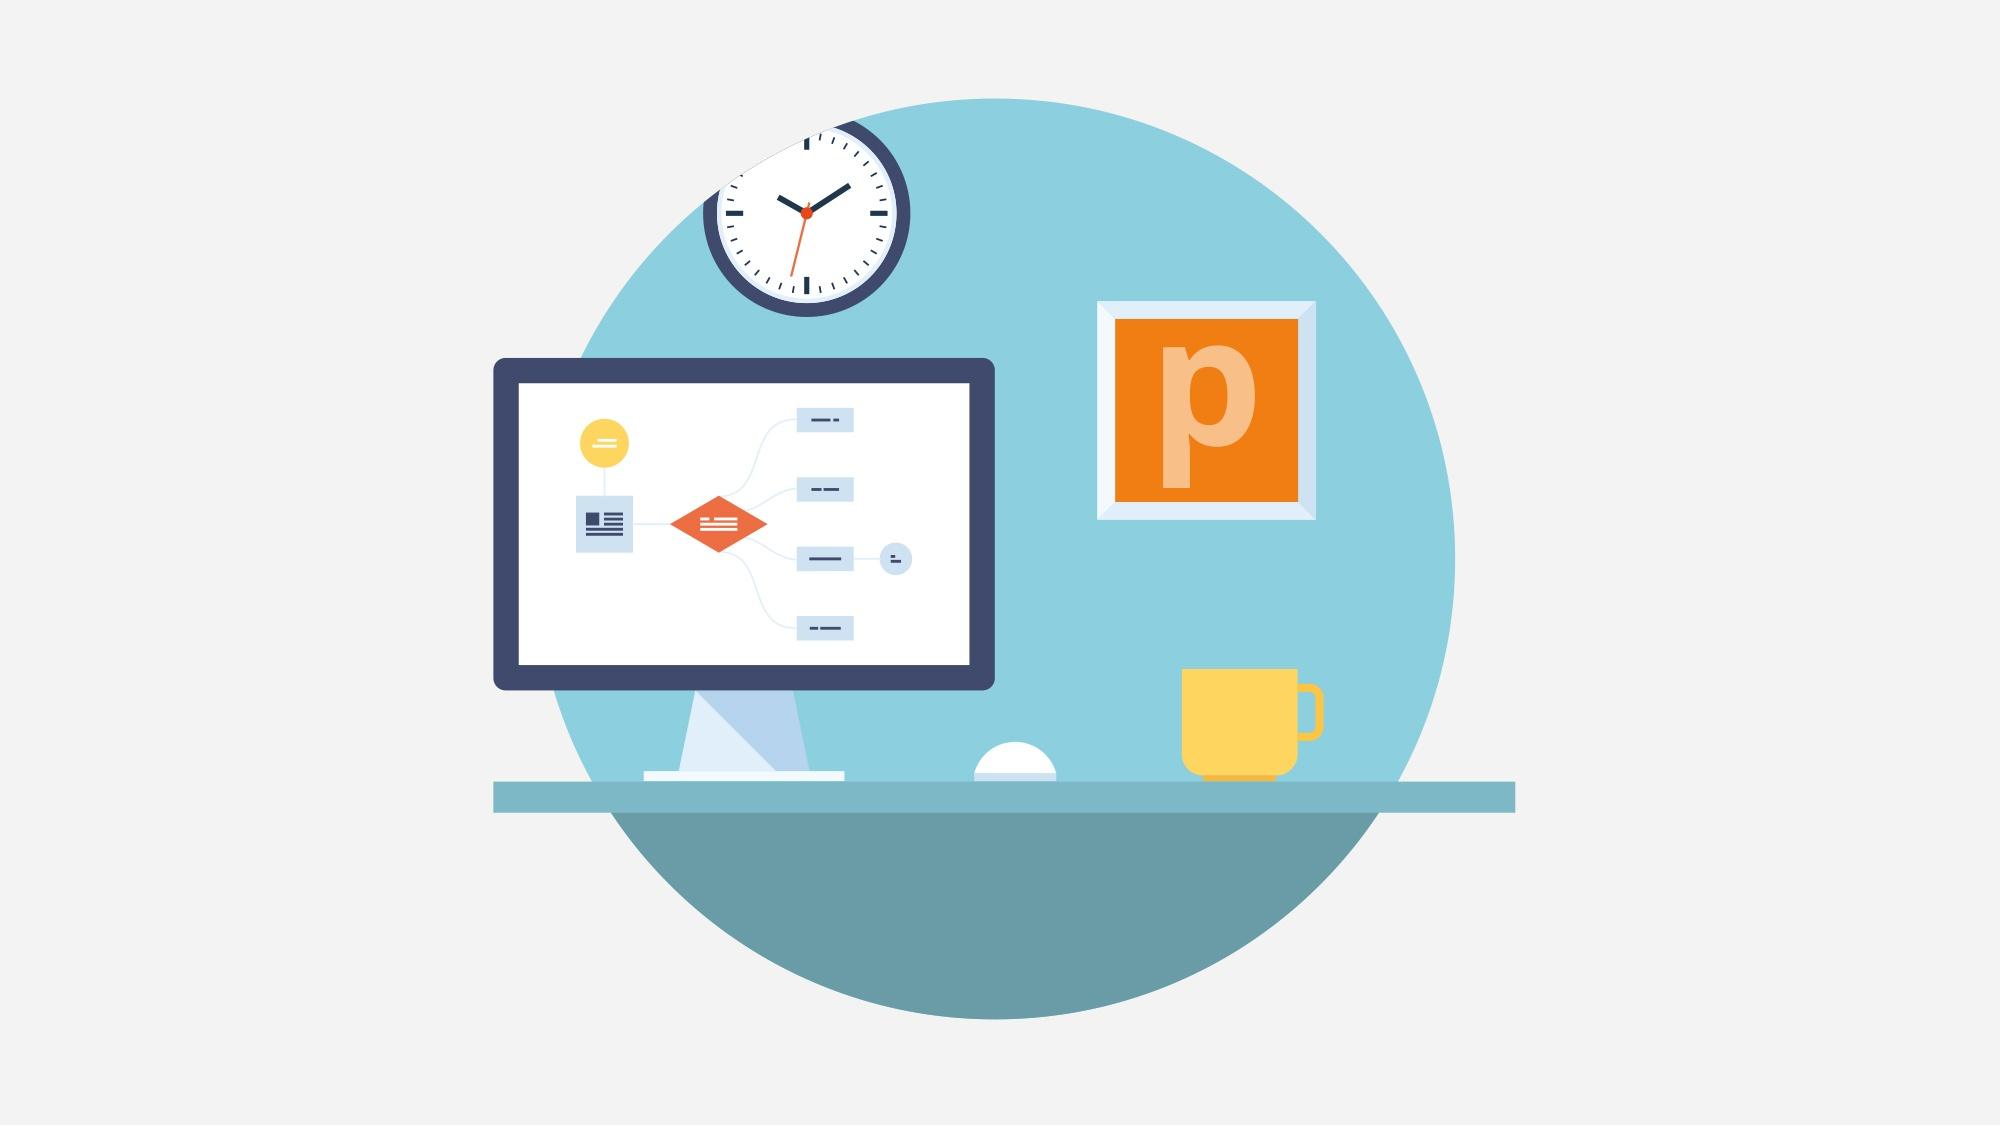 Einführung und Inbetriebnahme einer Projektmanagement-Software für Dienstleister